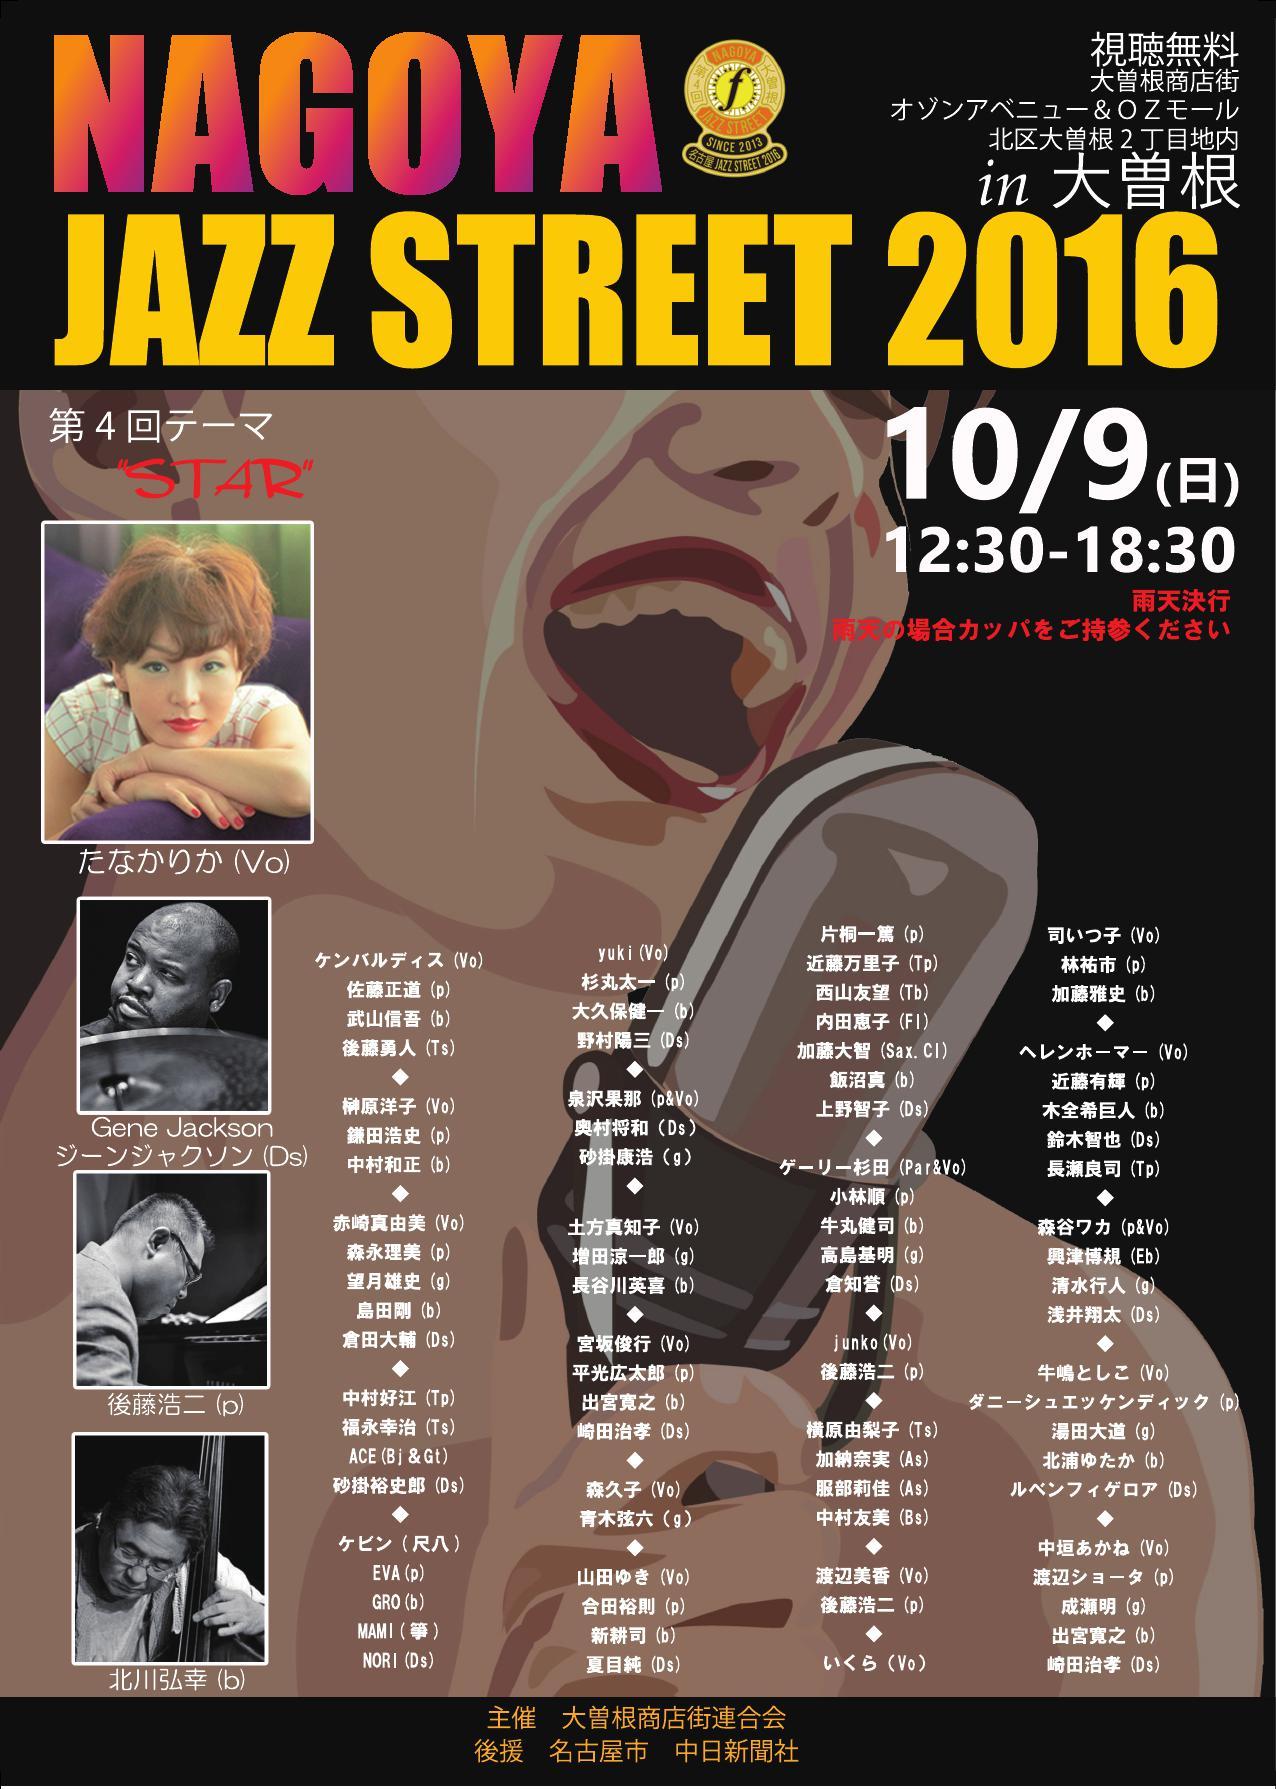 nagoya_jazzst_flyer_000001.jpg